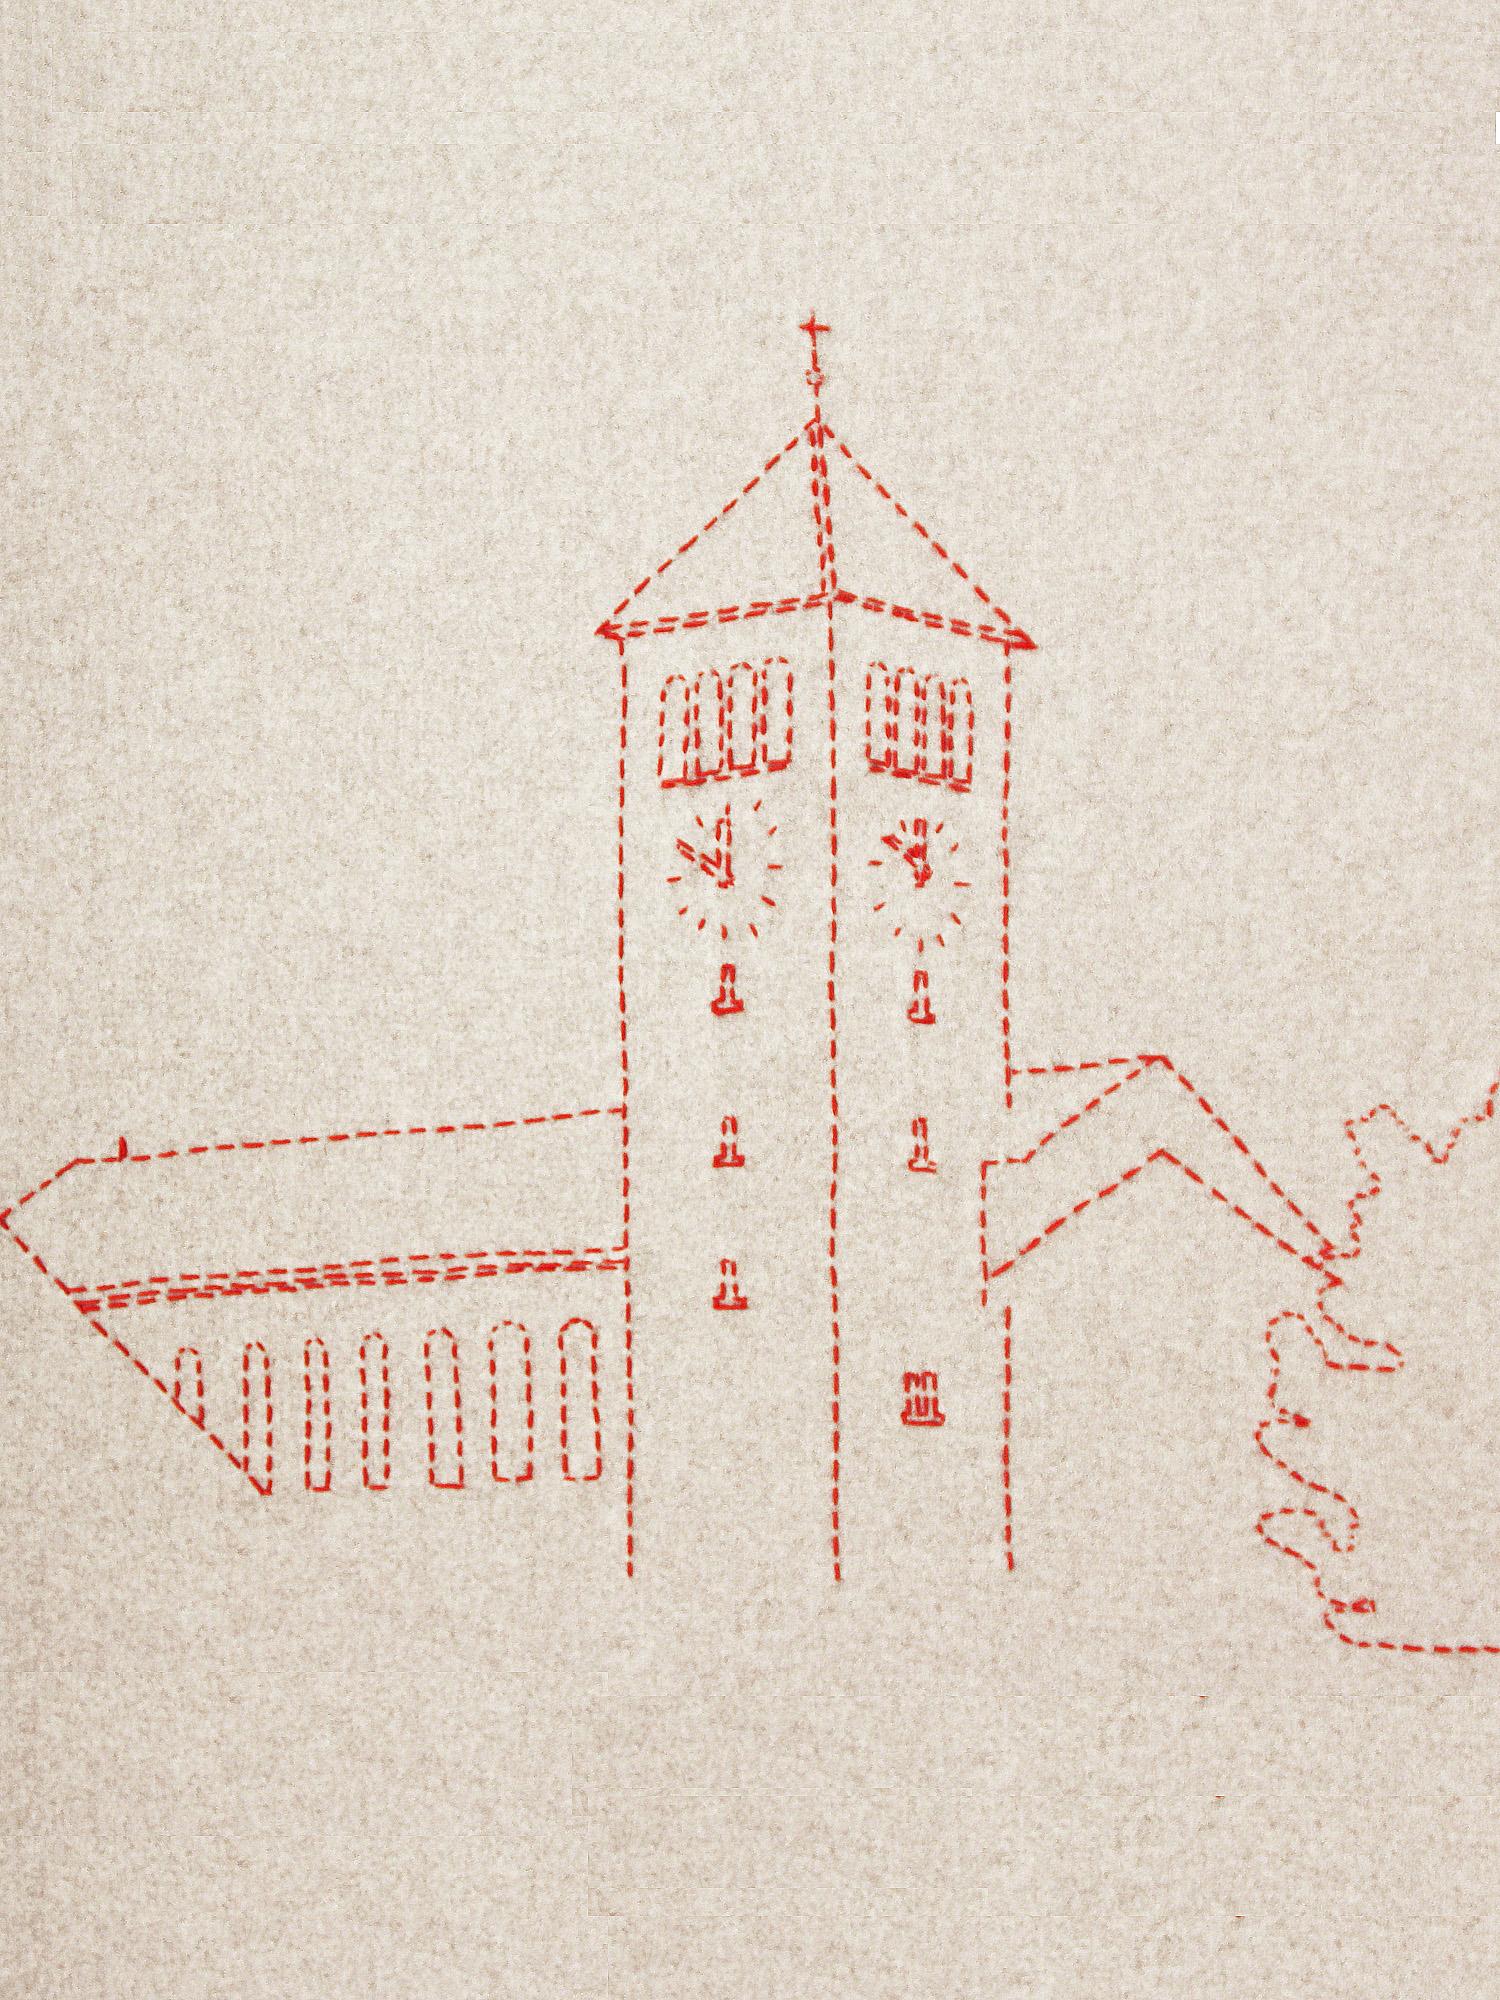 Detail aus dem bestickten Deckensegel, welches die Kirche in Rotkreuz zeigt  Detail from the embroidered ceiling banner, which shows the church in Rotkreuz